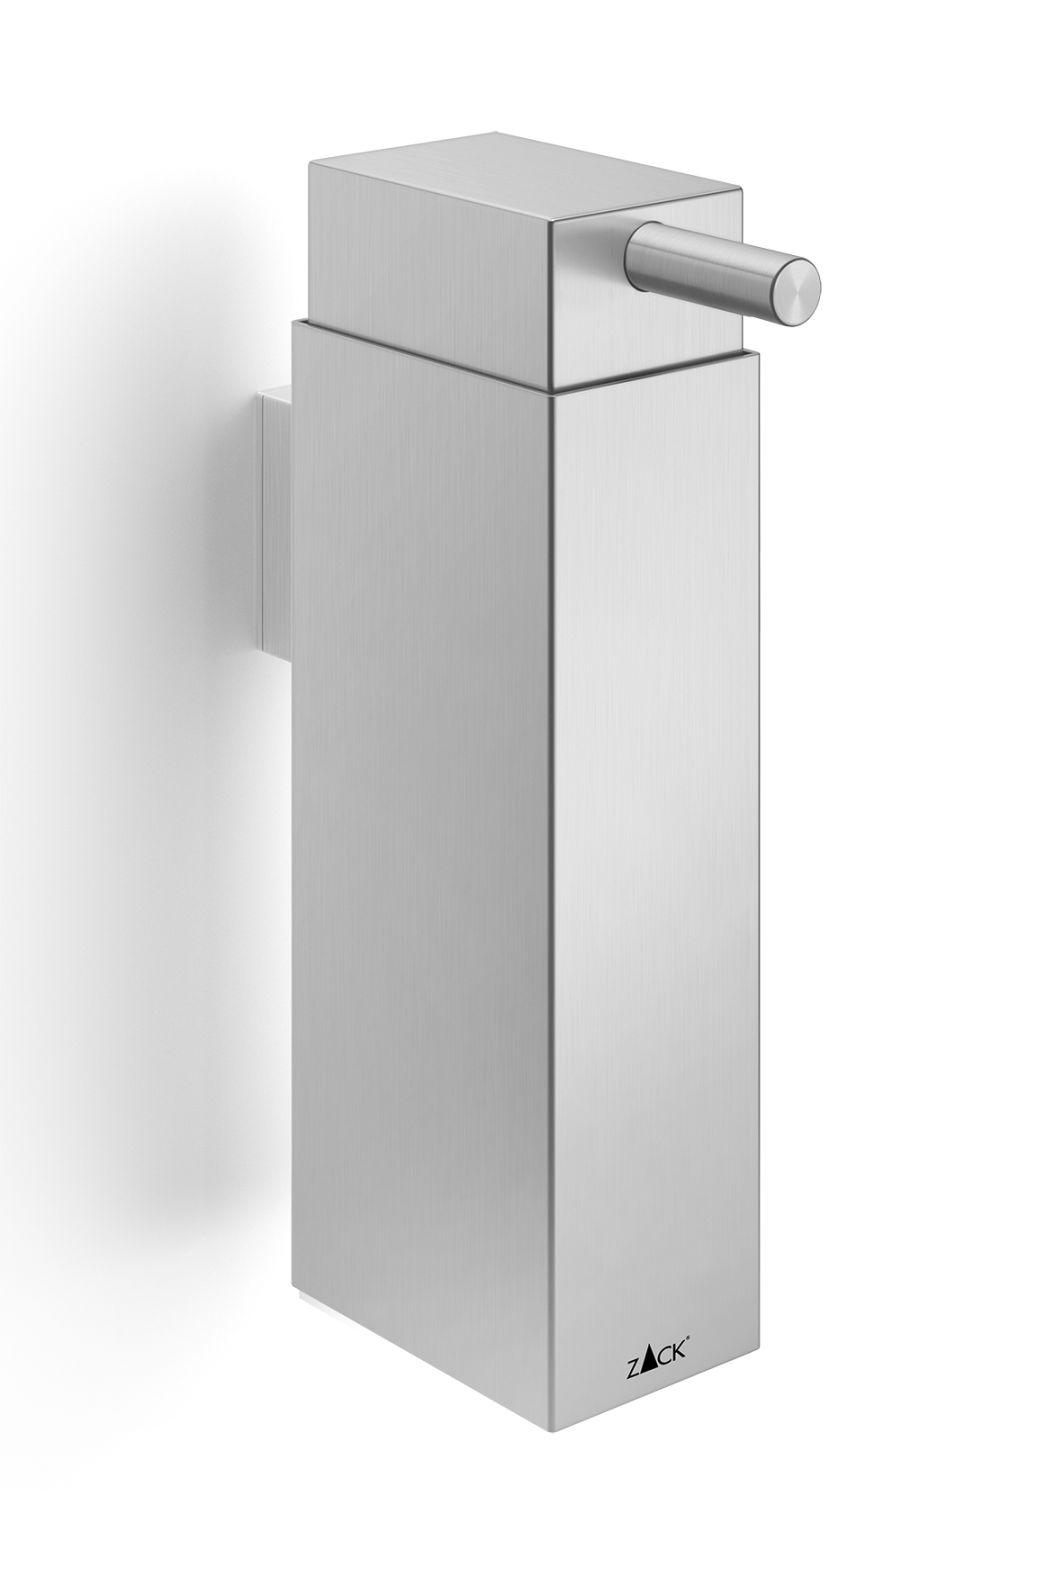 Dávkovač na mýdlo LINEA matný 190 ml, nástěnný - ZACK